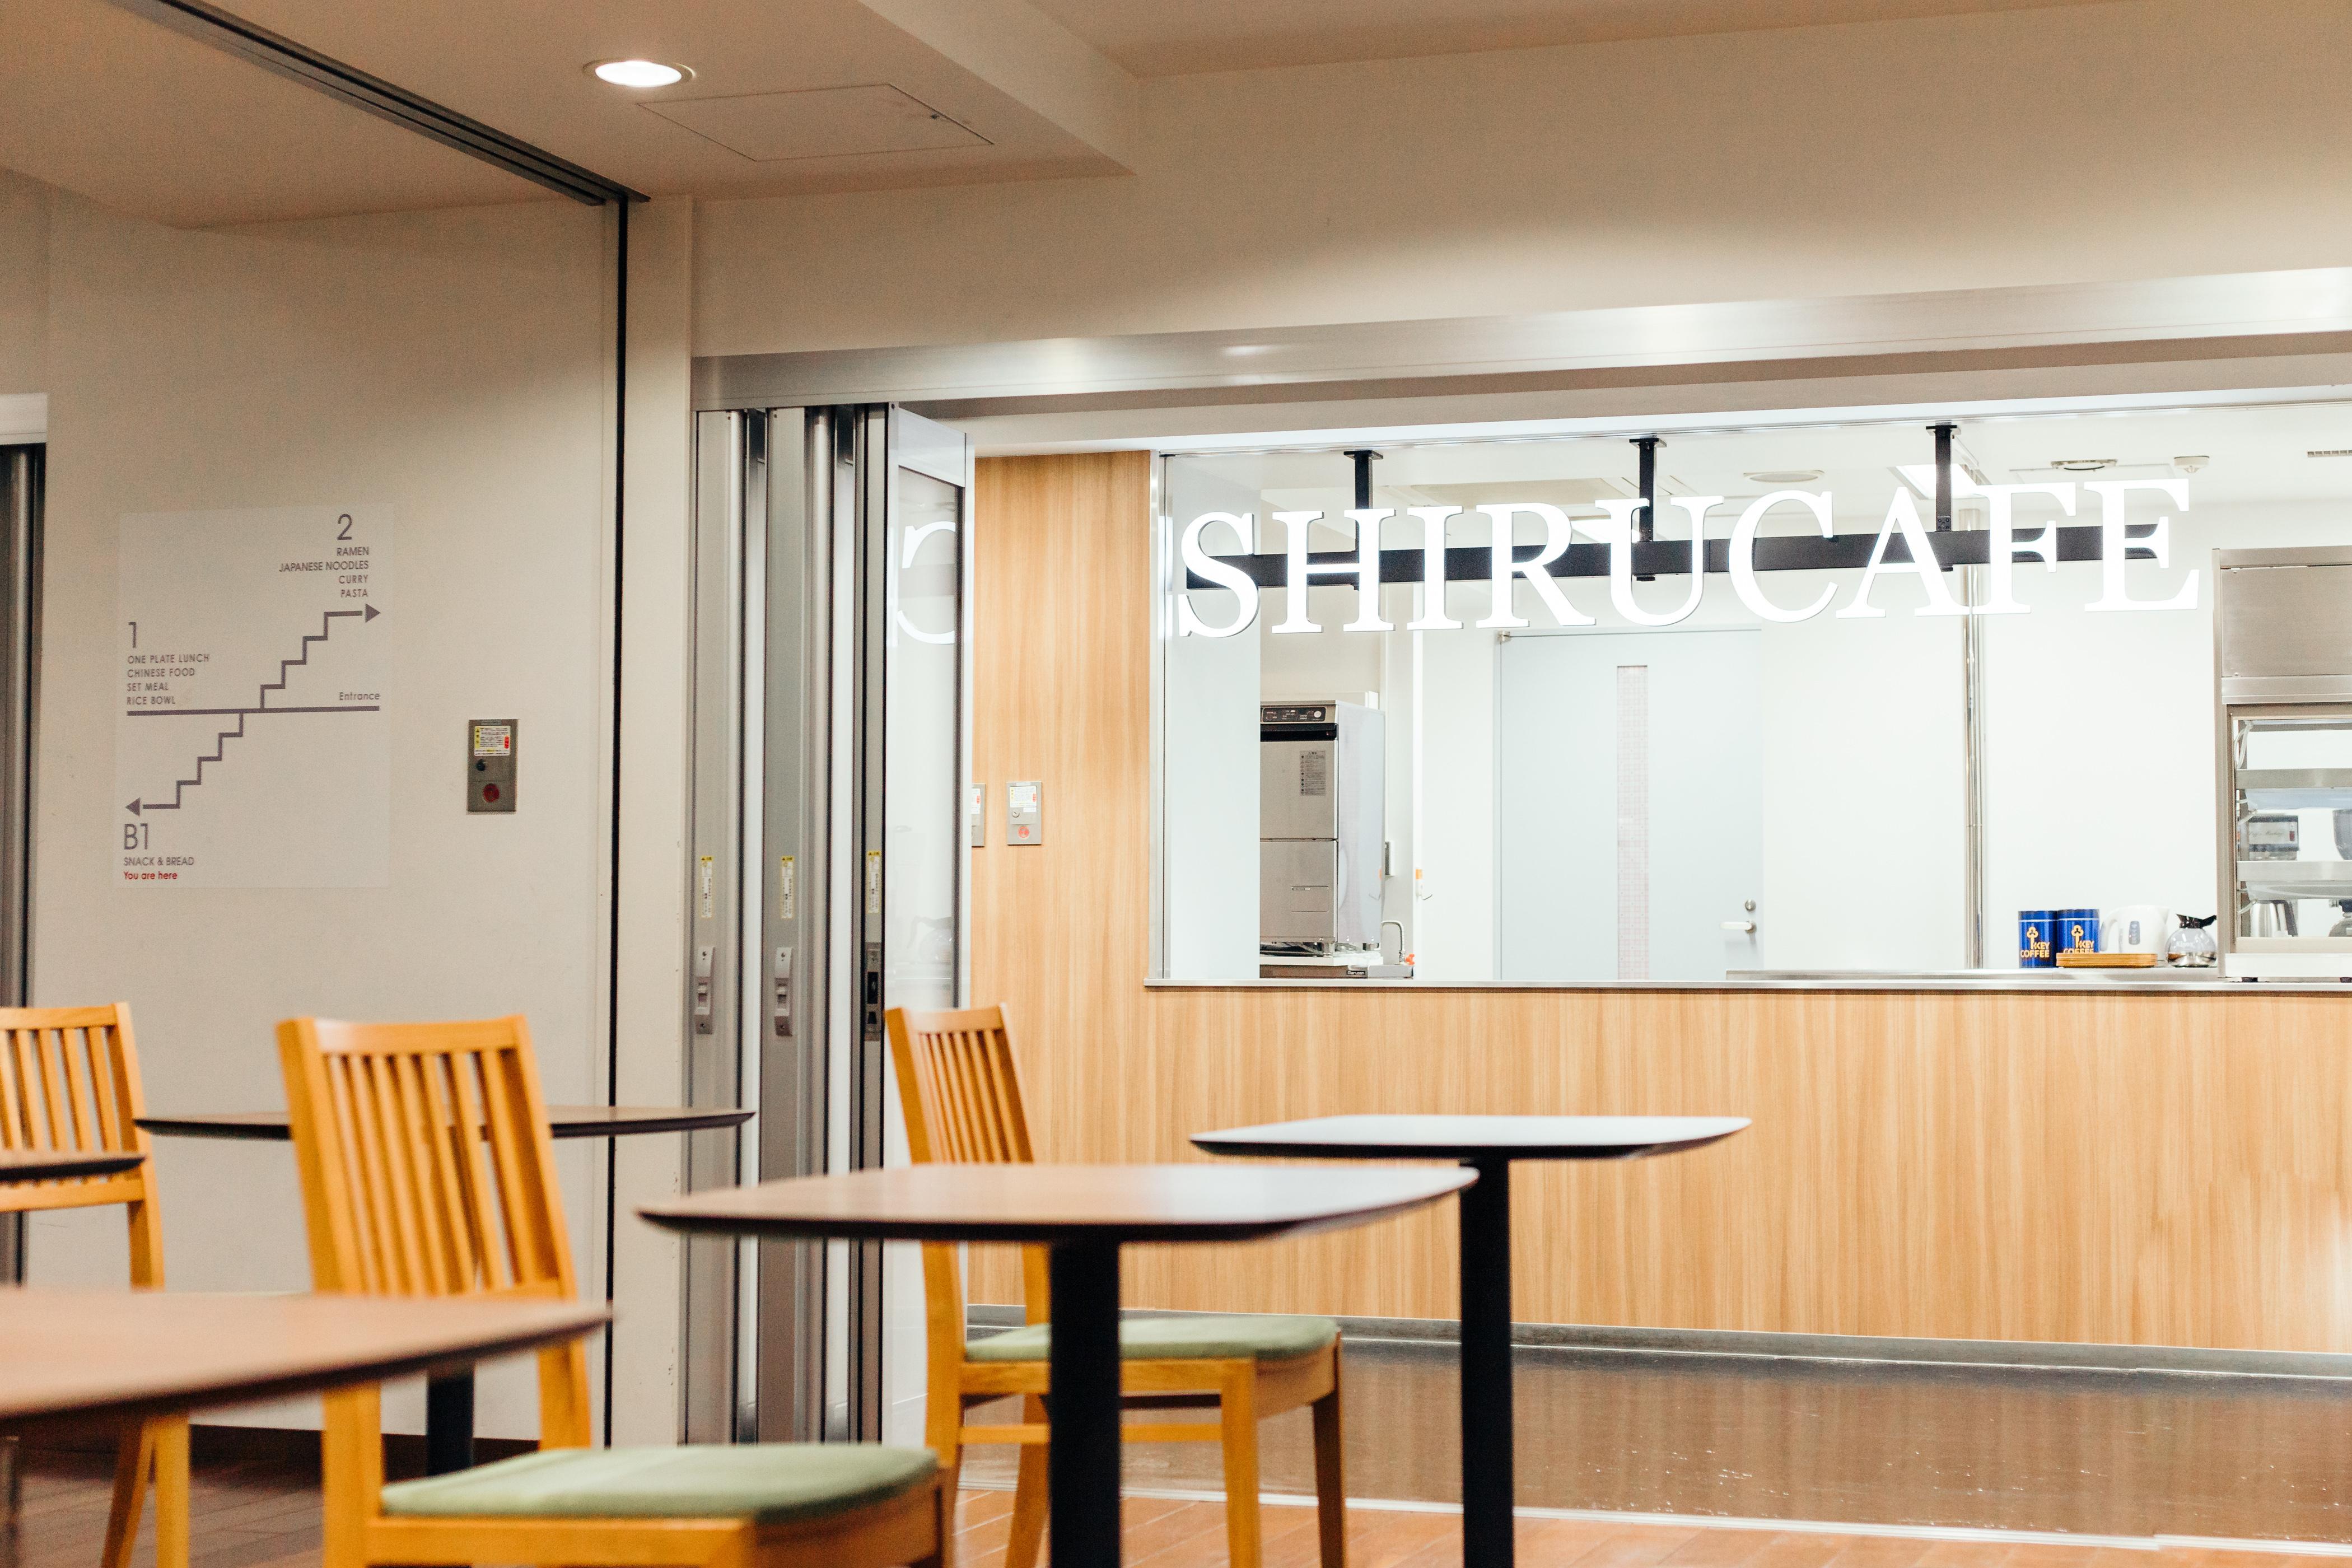 関東初、大学キャンパス内の知るカフェ『知るカフェ 東京理科大学 神楽坂キャンパス店』2020年10月1日(木)オープン